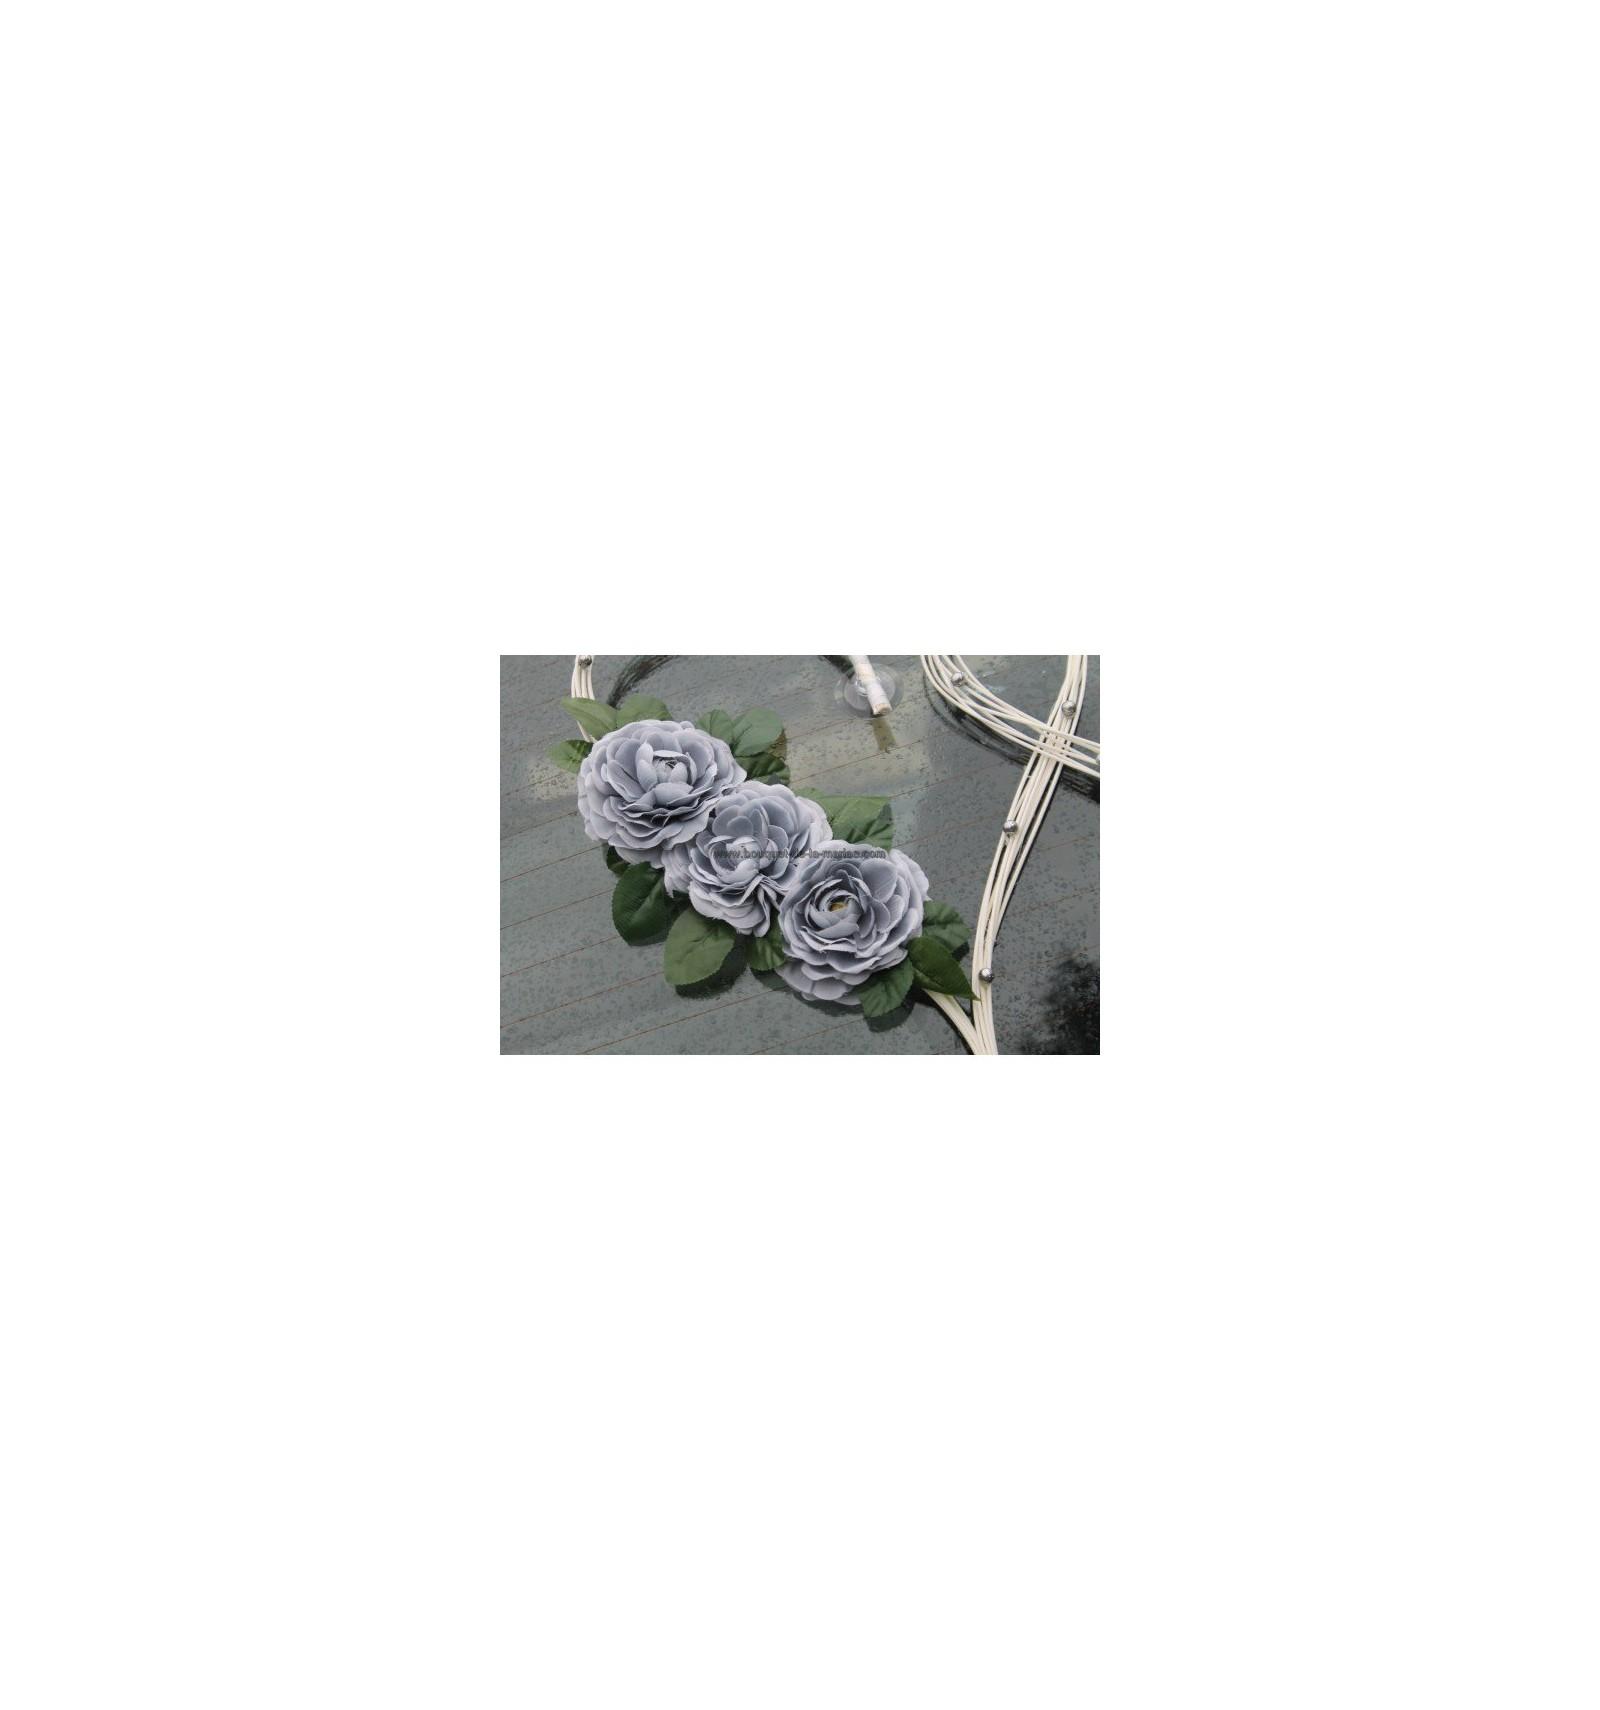 Decoration Voiture Mariage Gris Et Rose : Cœurs pour mariage thème blanc et gris argent avec des